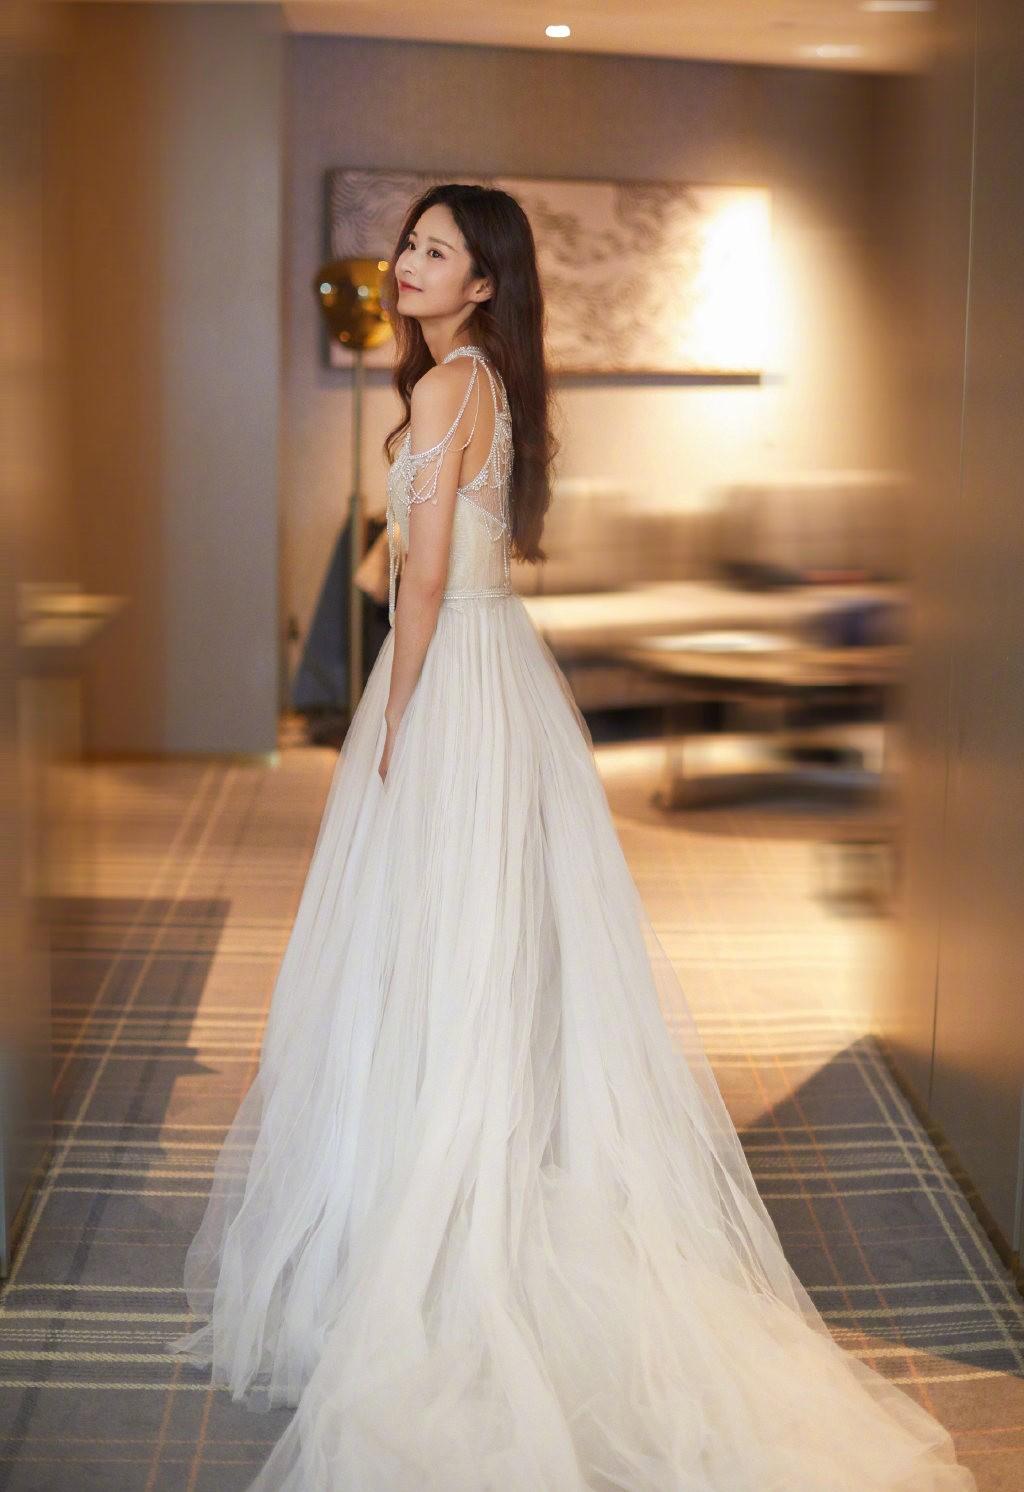 颖儿出席活动,一袭珍珠流苏白纱裙配披肩长发,美得像待嫁新娘